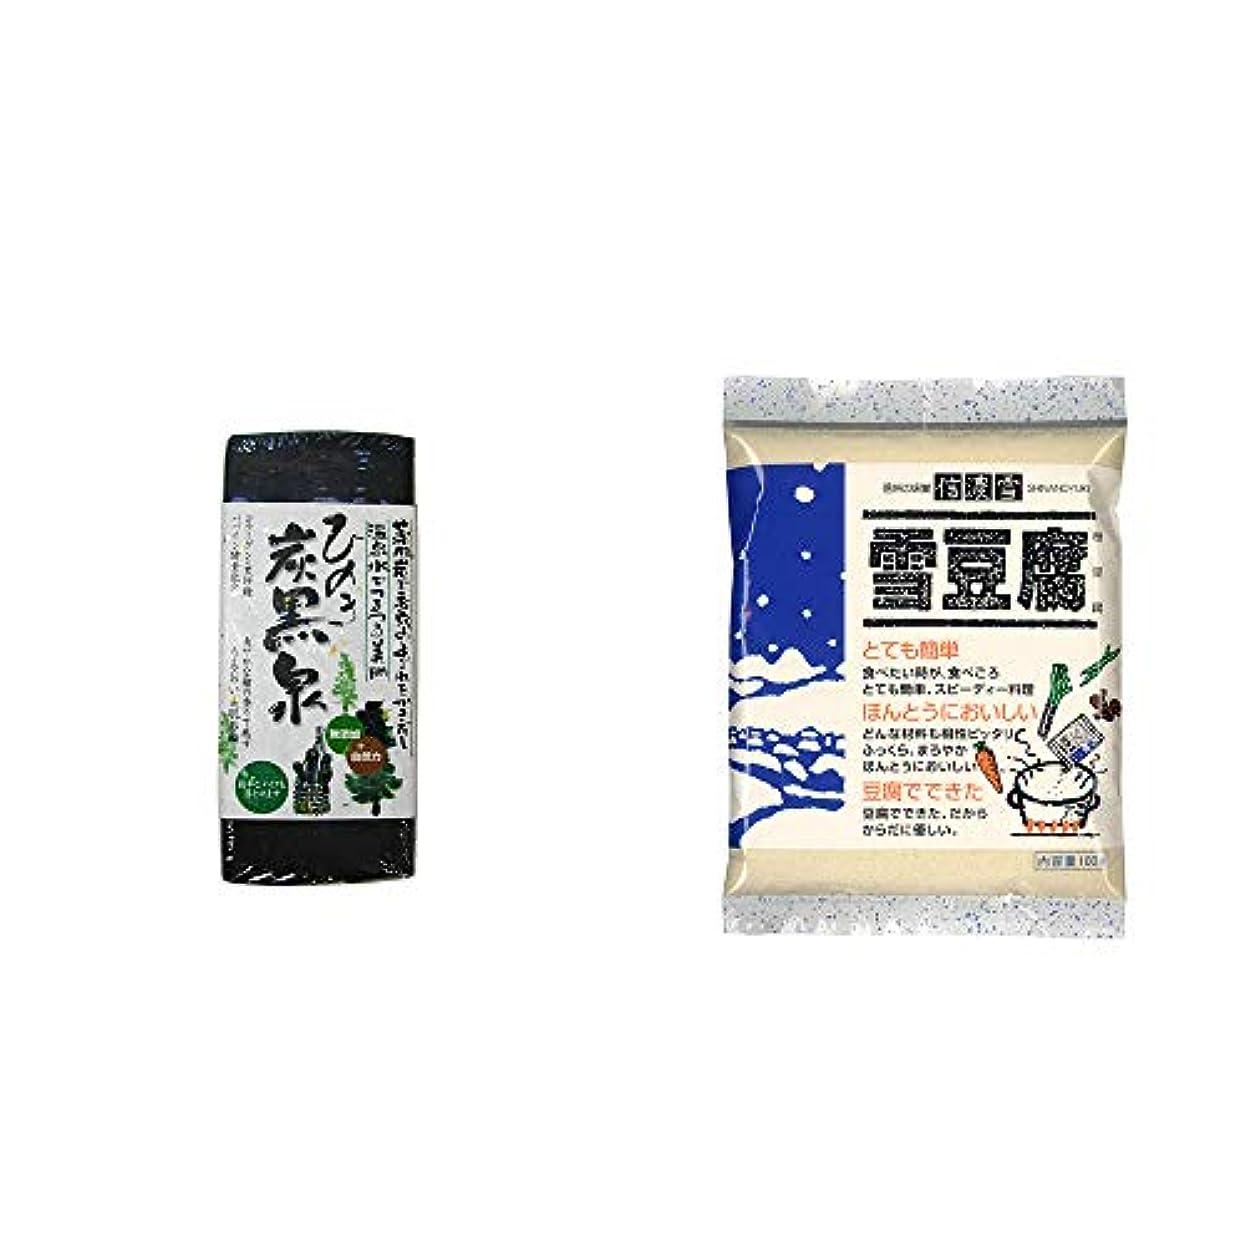 突然のケニア逸話[2点セット] ひのき炭黒泉(75g×2)?信濃雪 雪豆腐(粉豆腐)(100g)